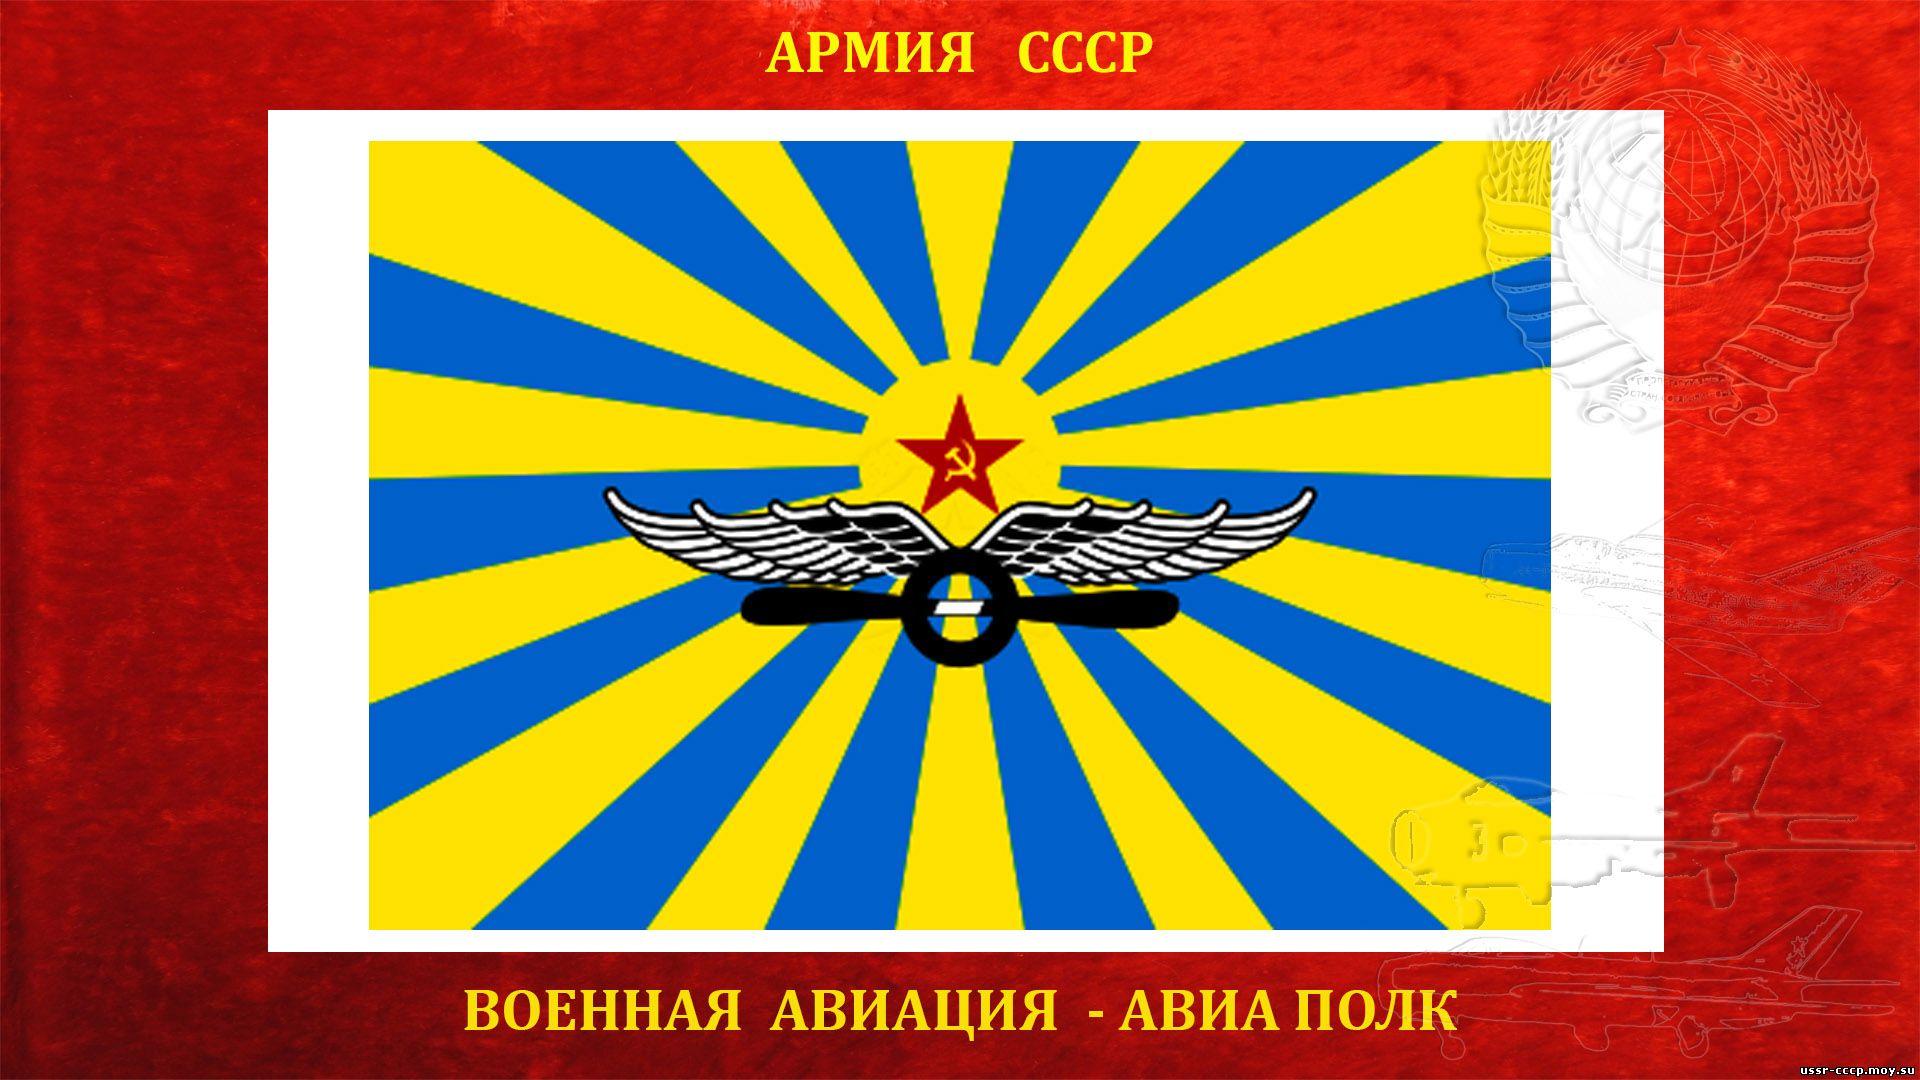 9-й гвардейский истребительный авиационный Одесский Краснознамённый ордена Суворова полк ПВО